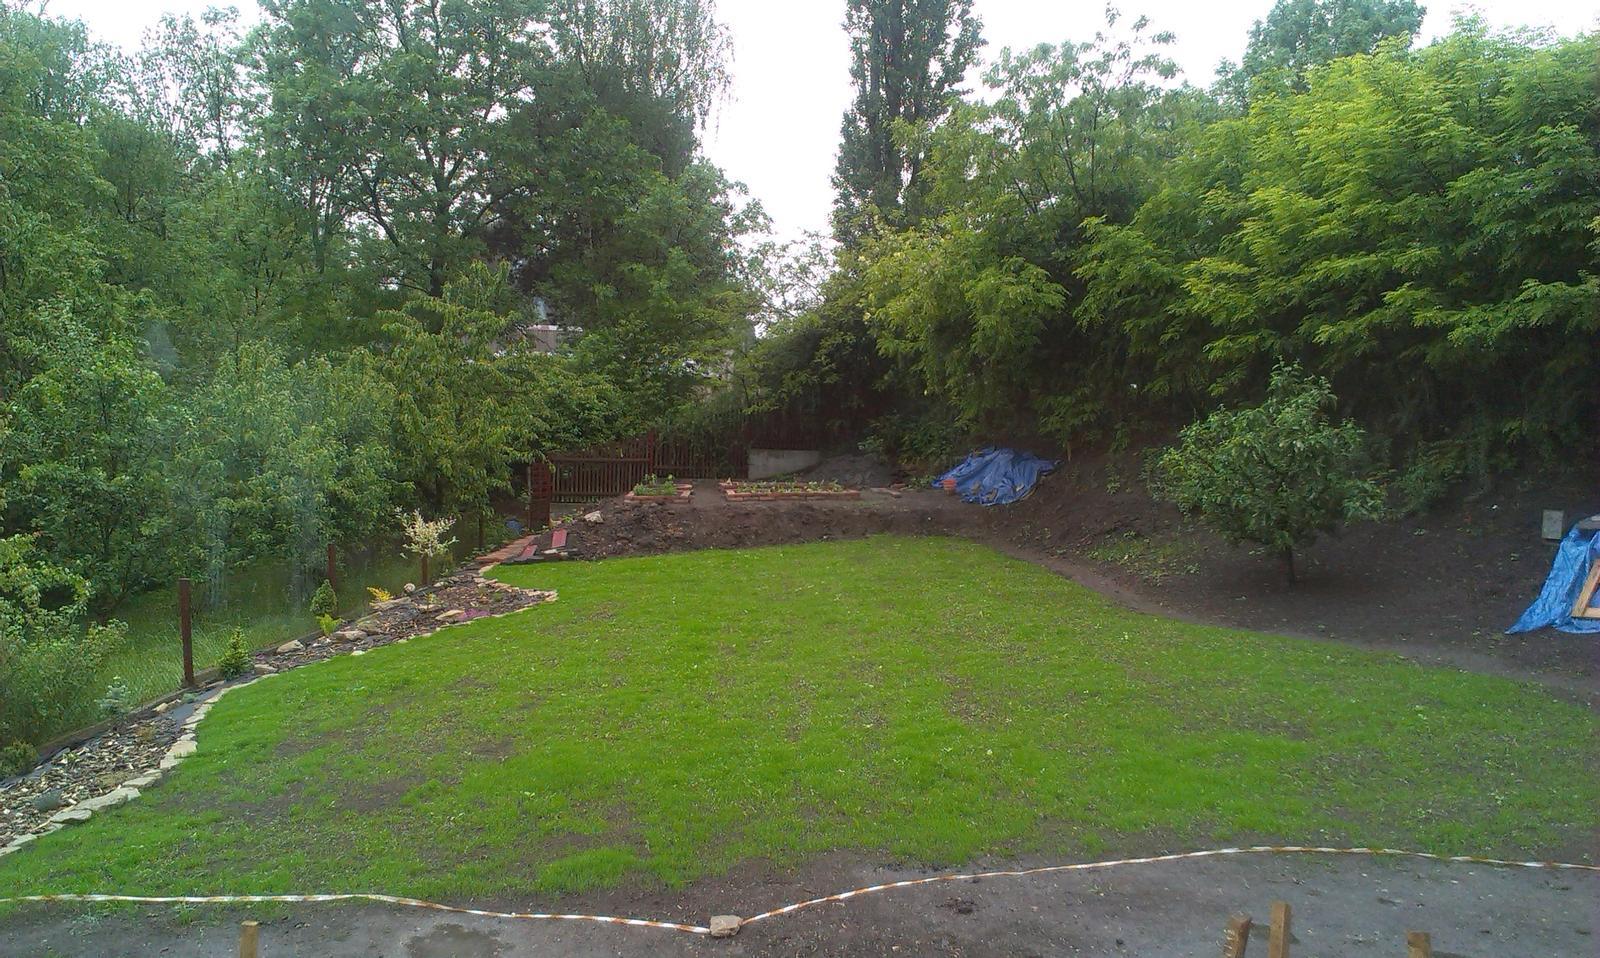 Záhrada - aktálny stav po 3 týždňoch